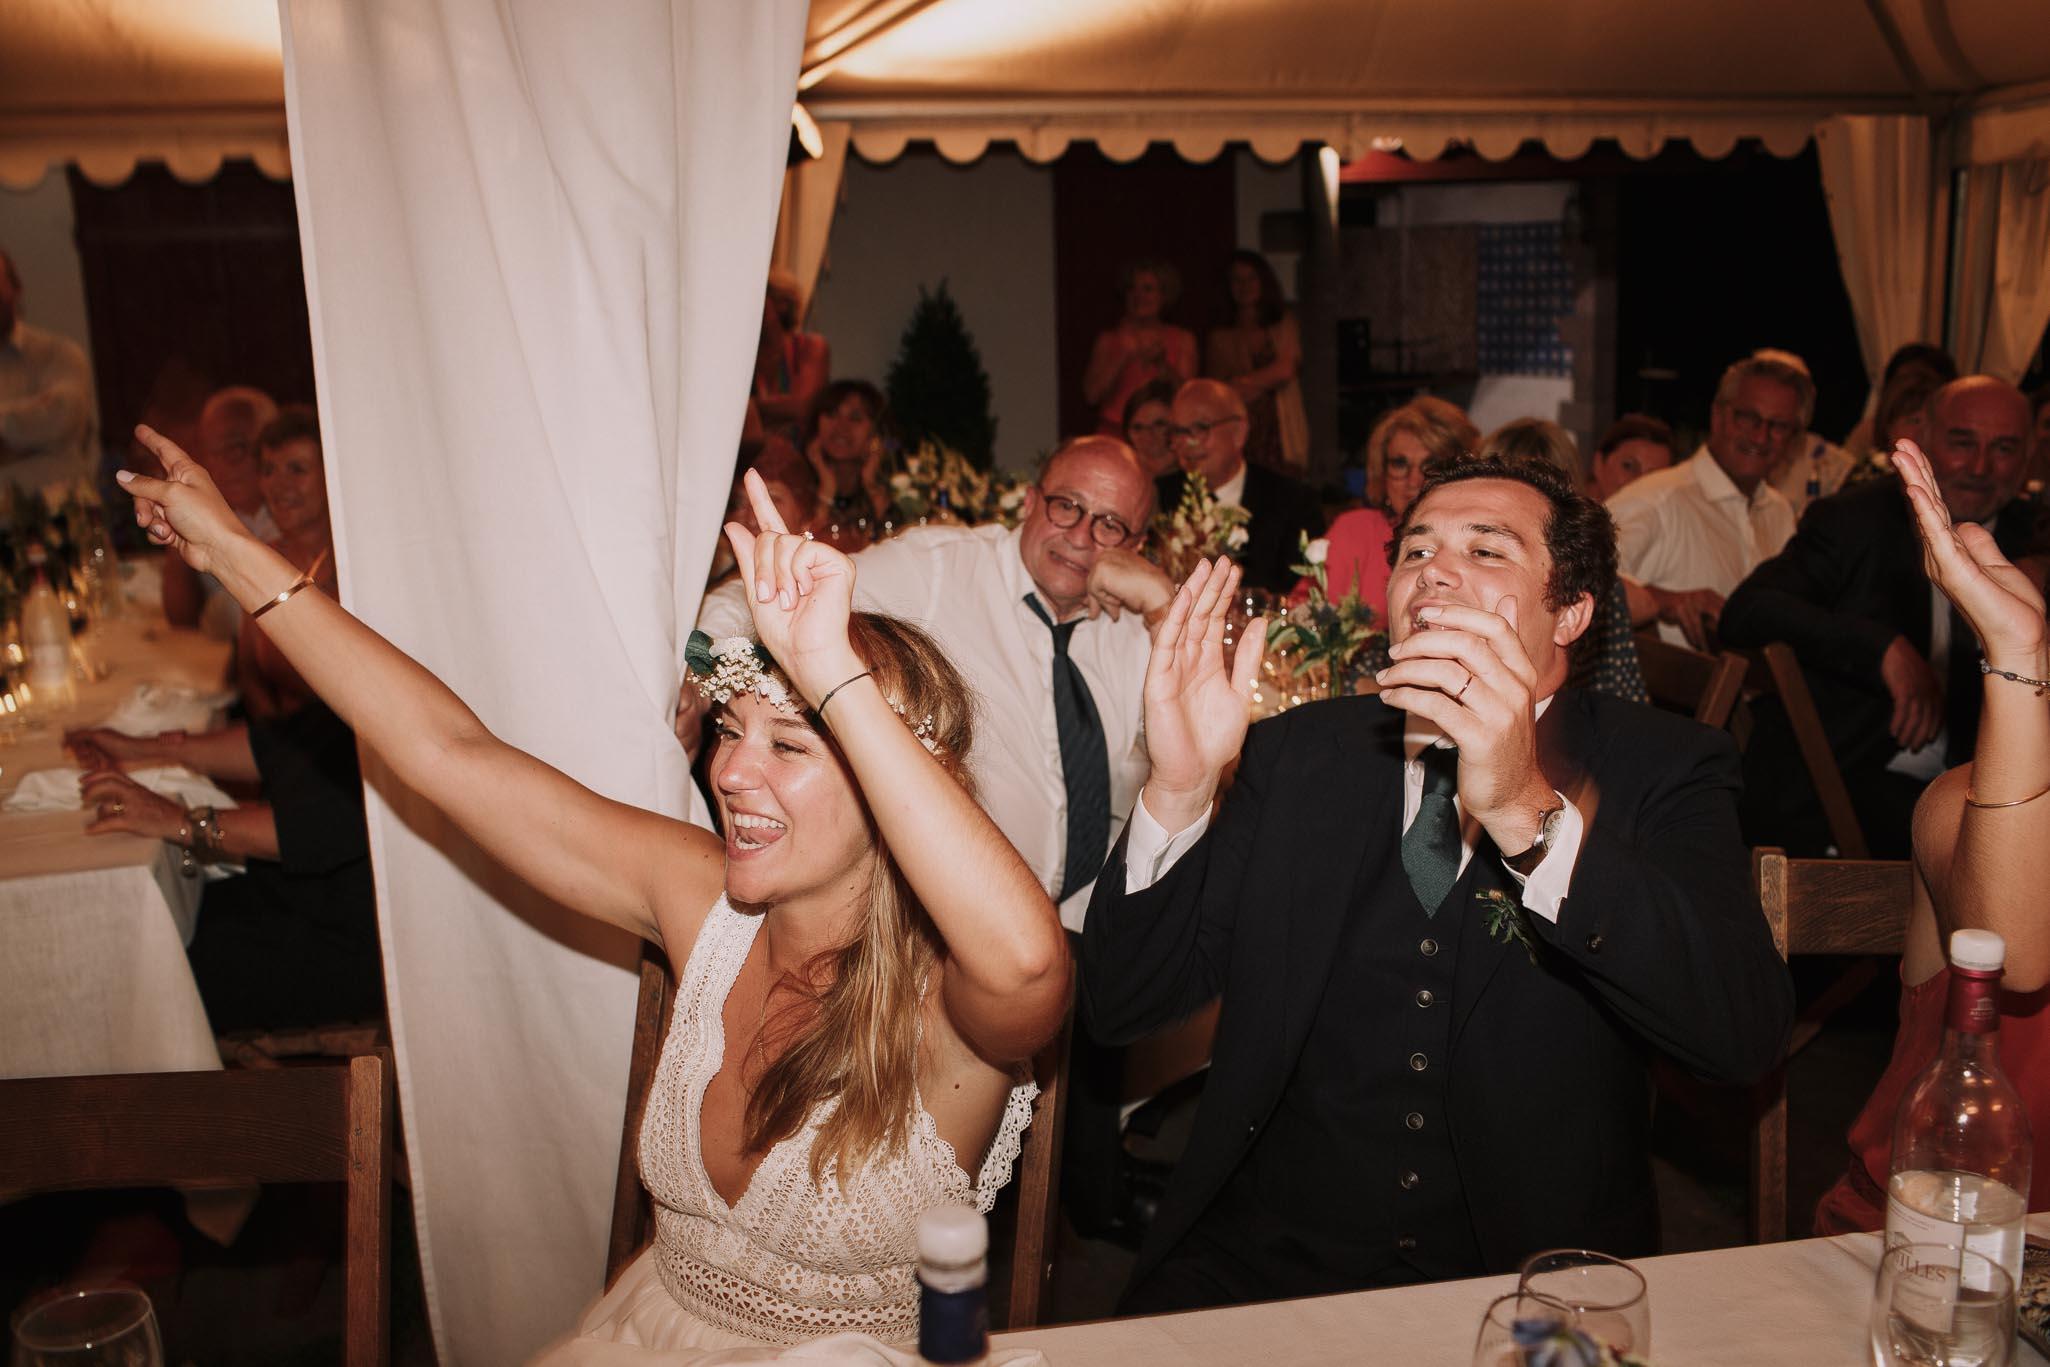 Photographe-mariage-bordeaux-jeremy-boyer-pays-basque-ihartze-artea-sare-robe-eleonore-pauc-couple-amour-177.jpg